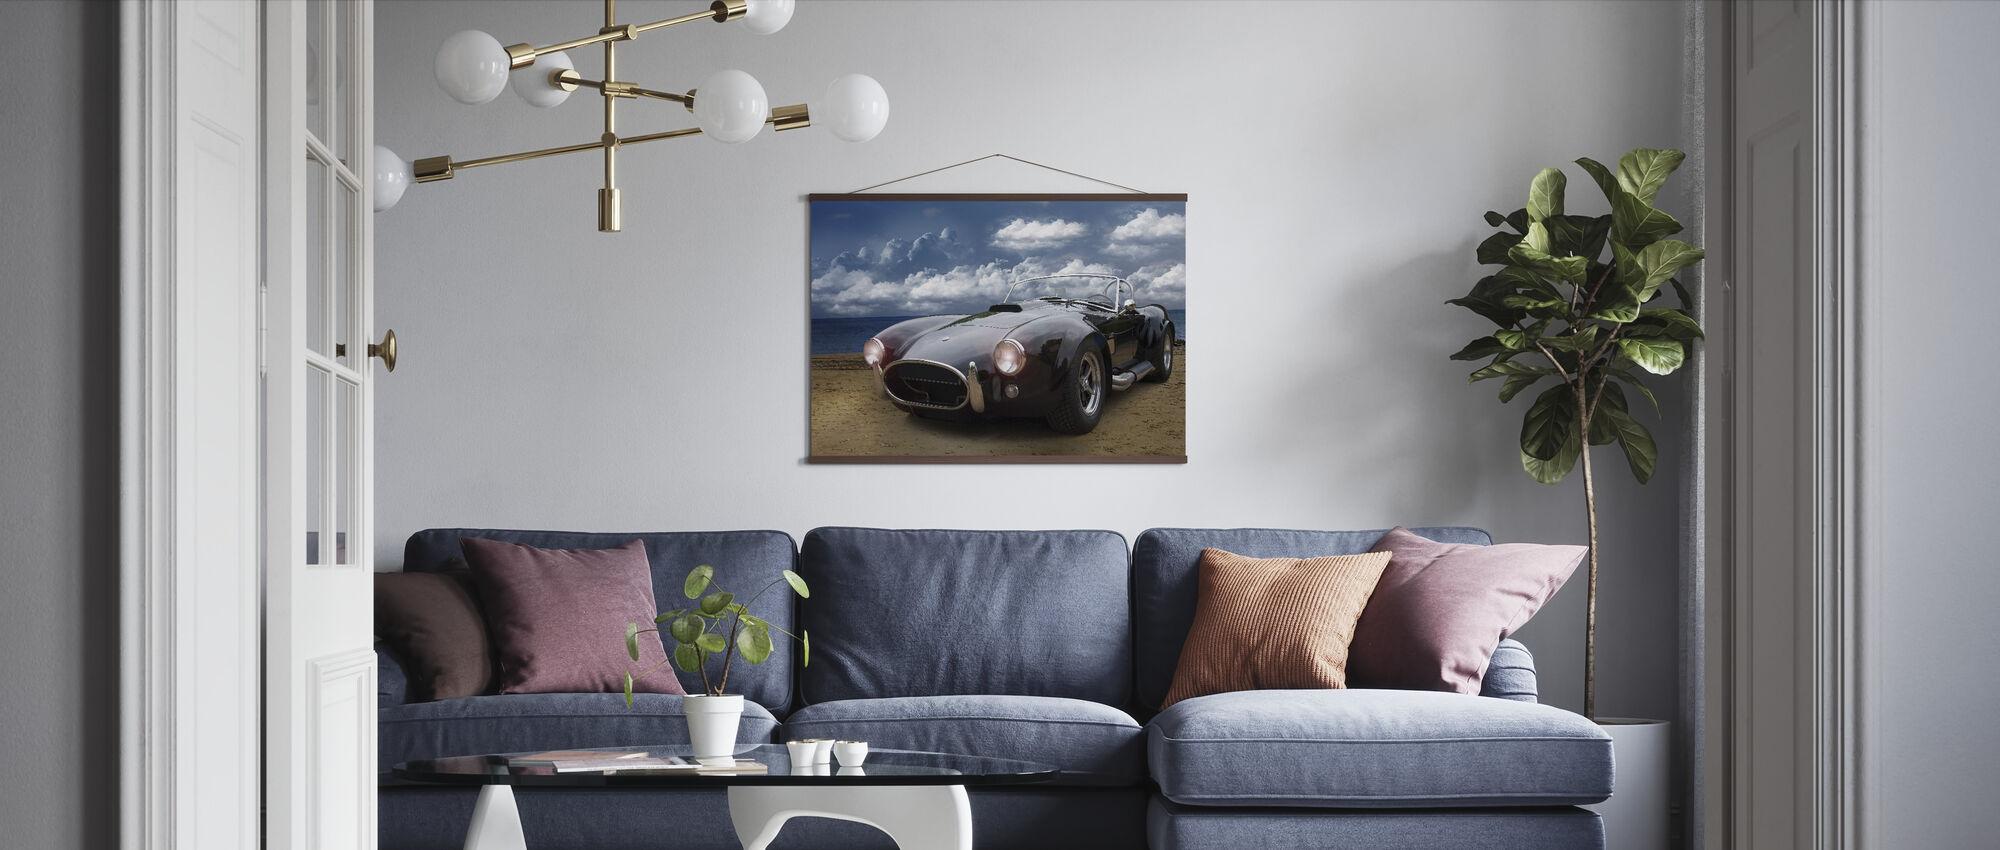 Klassisk Vintage Bil - Plakat - Stue